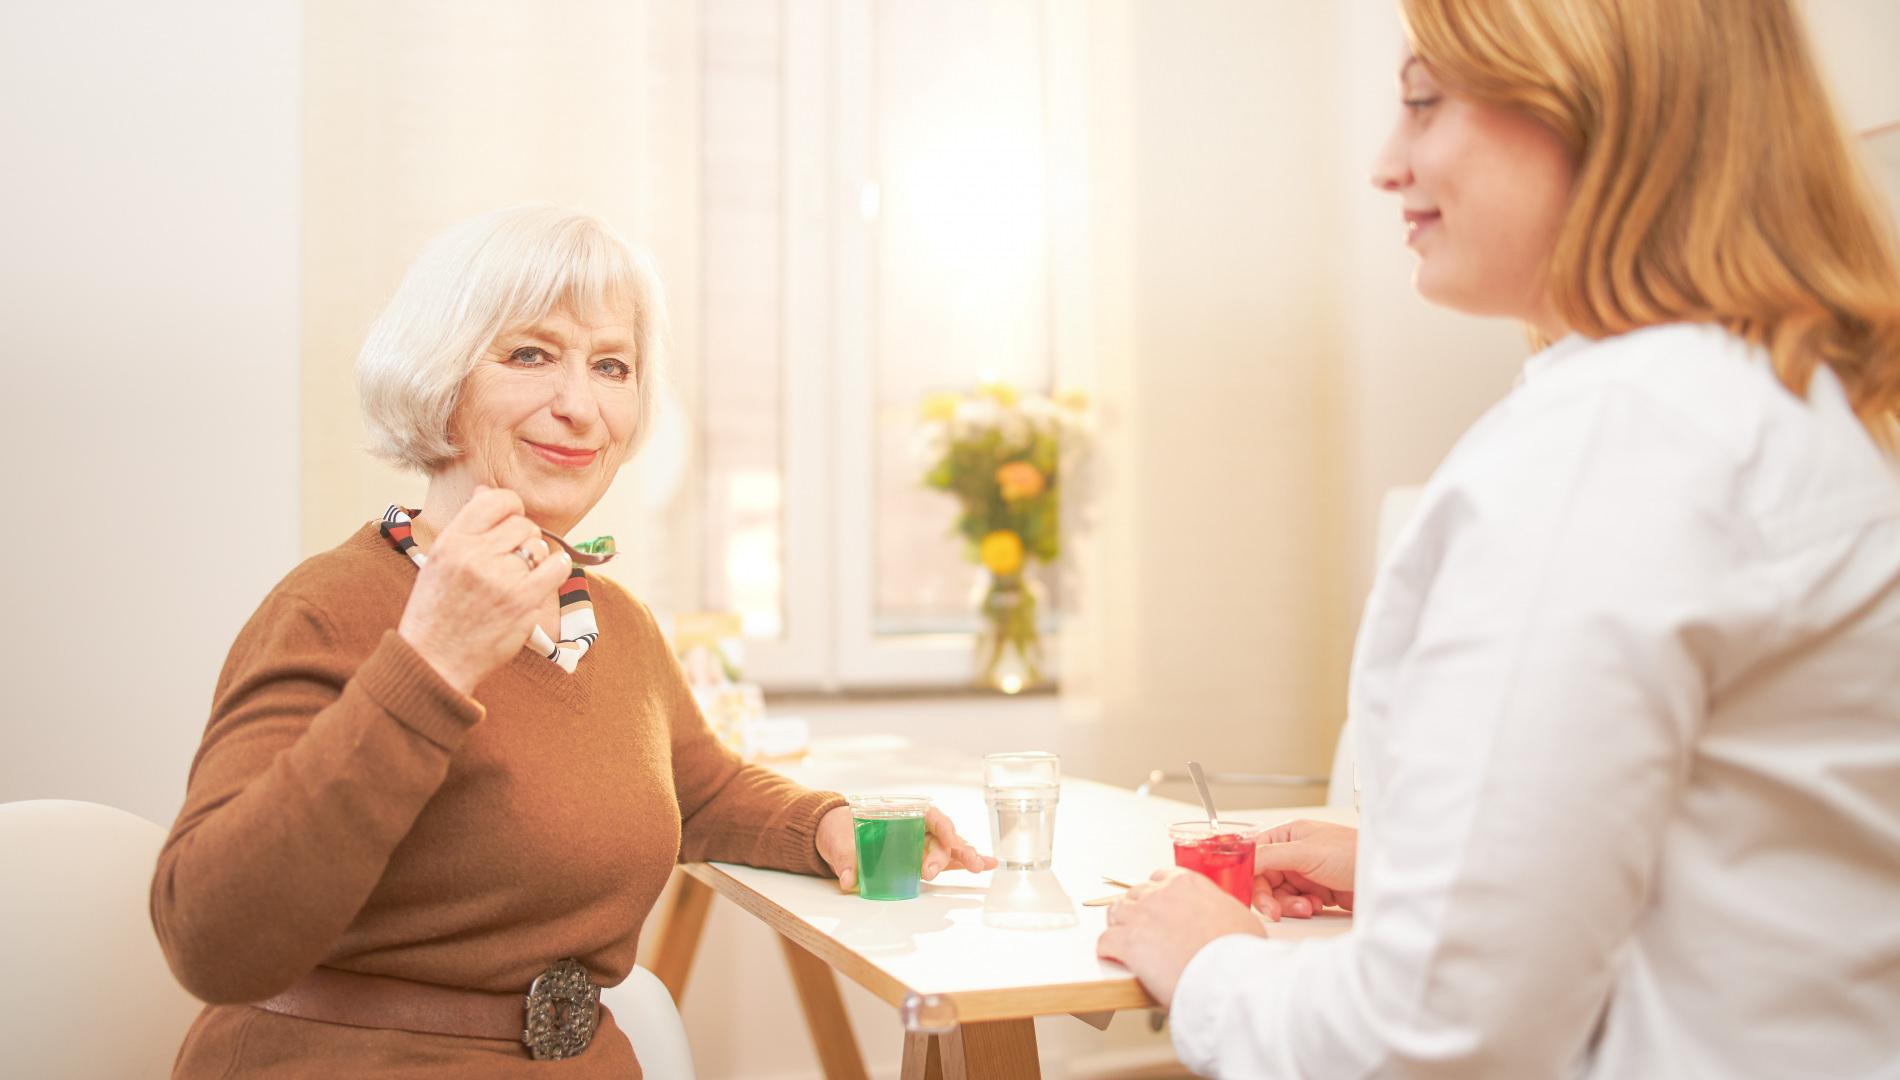 Alles zur Dysphagie bei Erwachsenen: Symptome, Behandlung, Ursachen, Definition